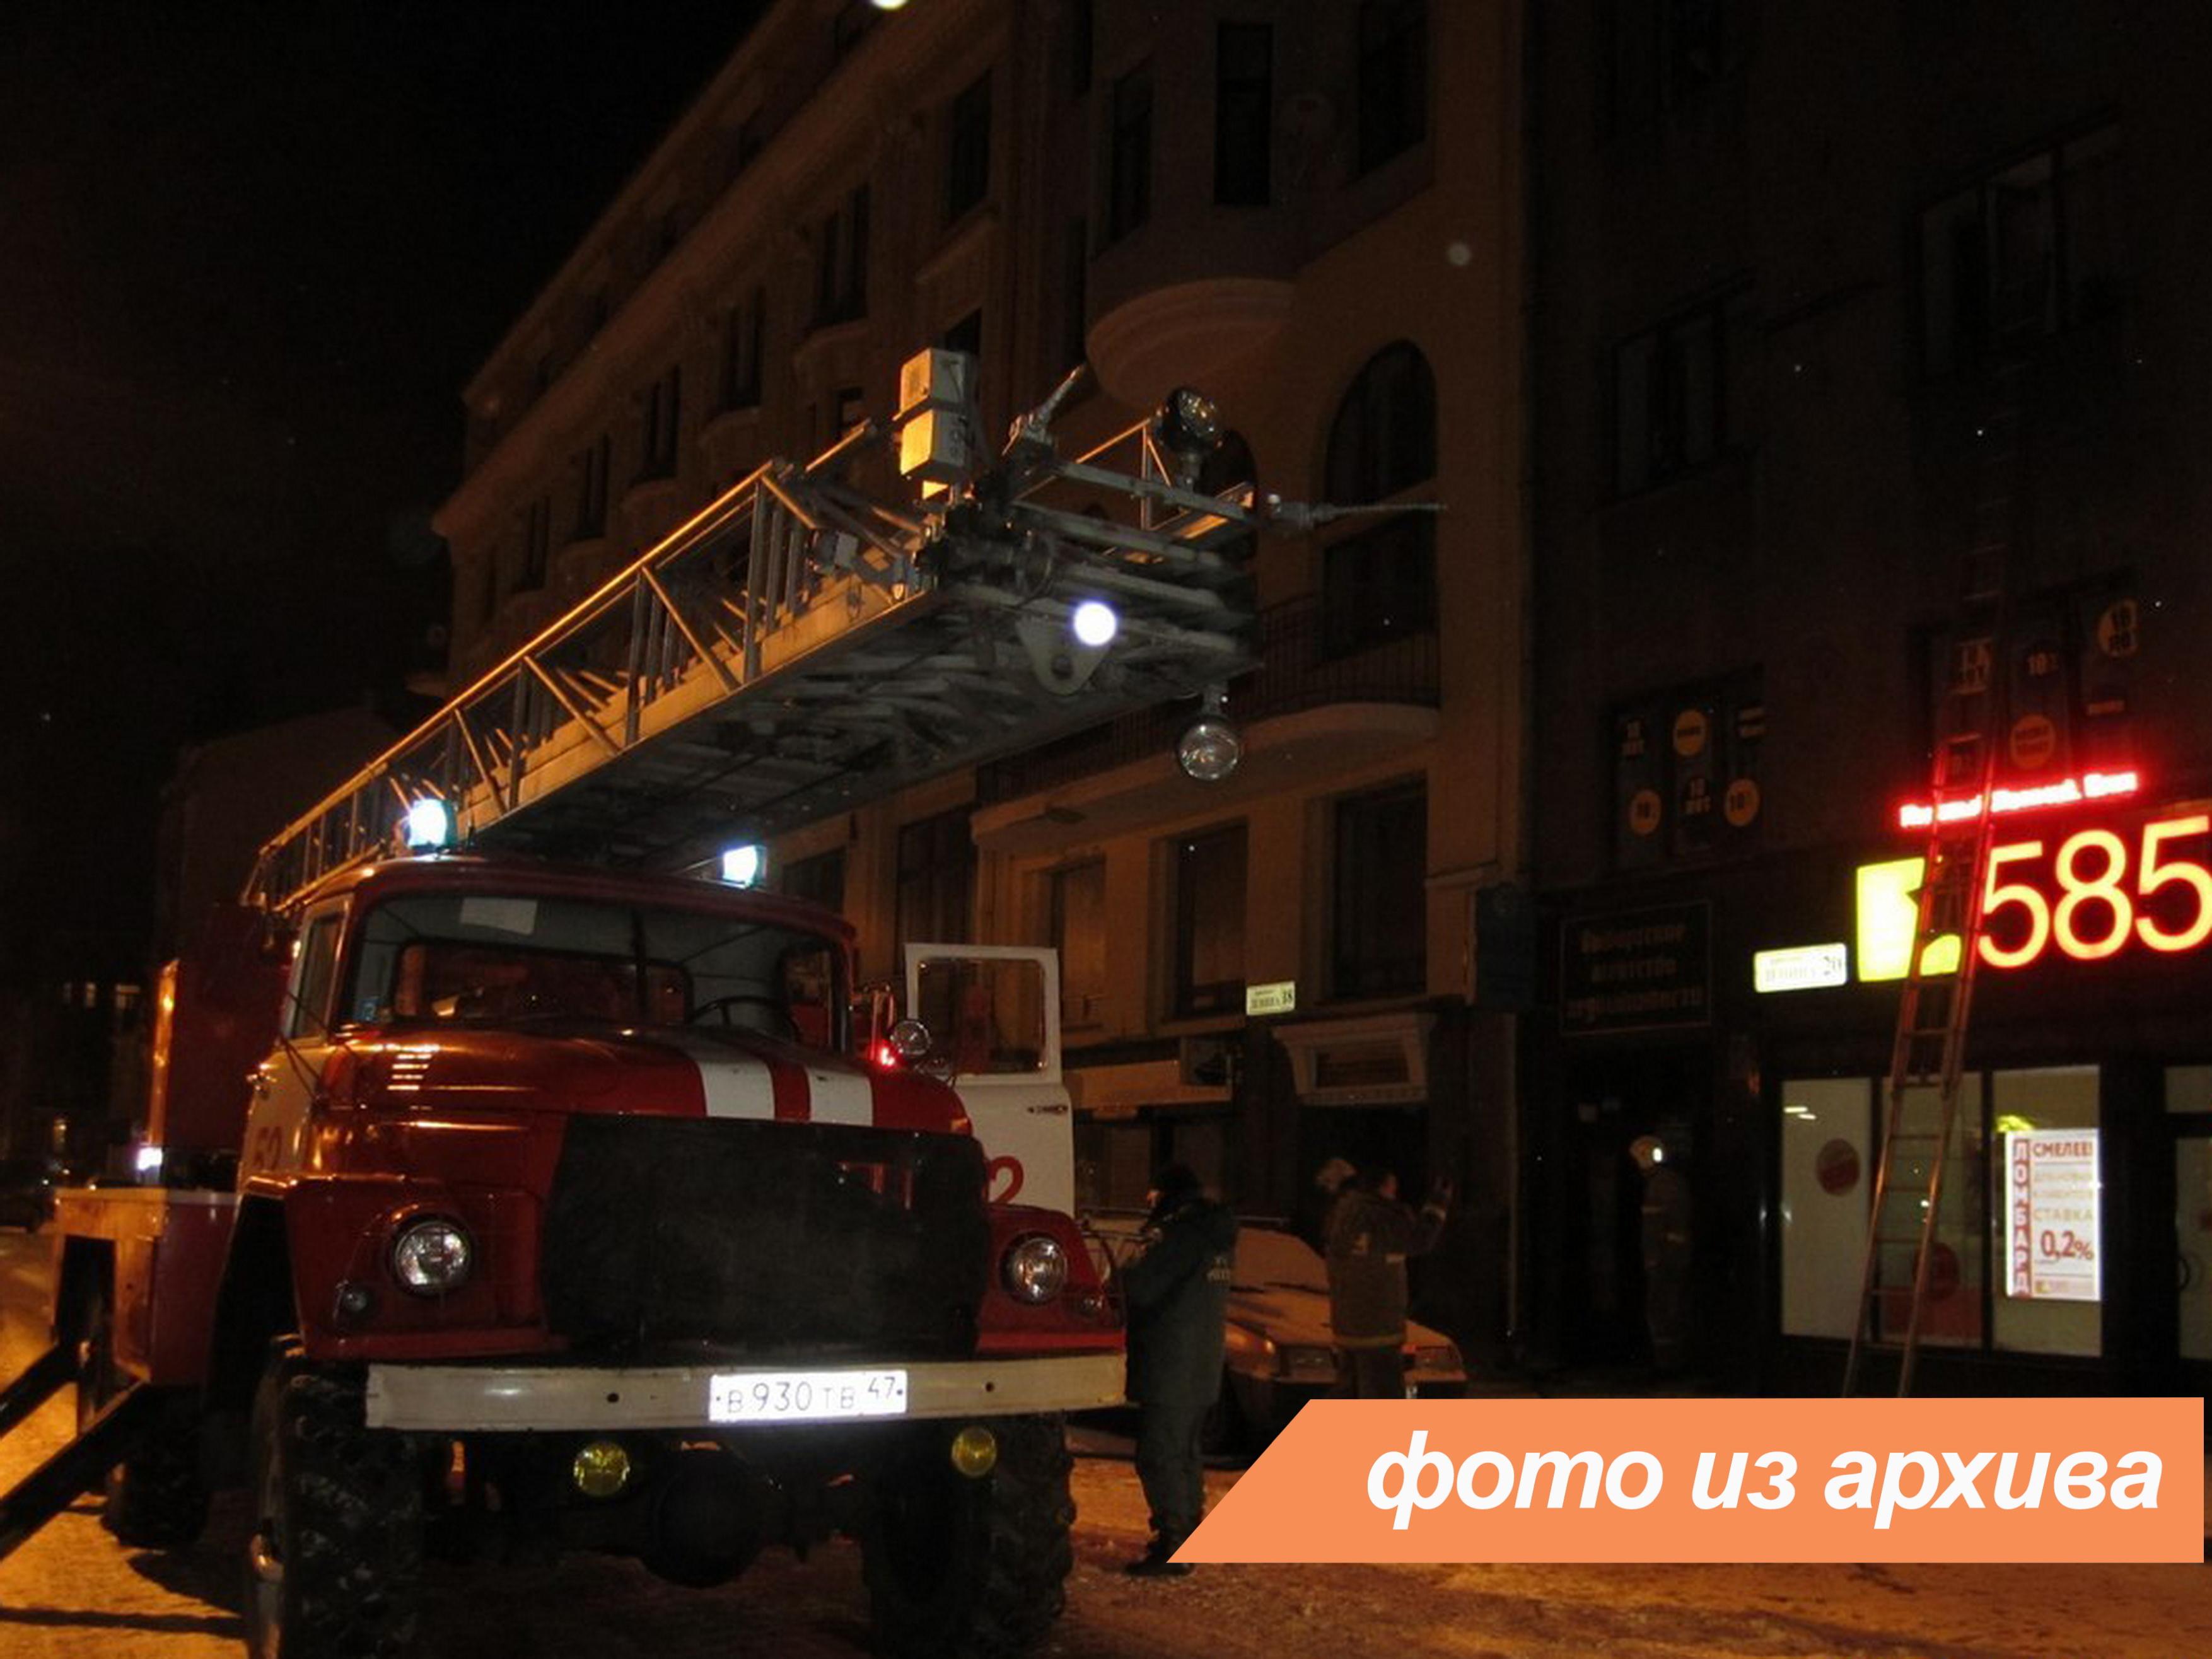 Пожарно-спасательное подразделение Ленинградской области ликвидировало пожар в г. Сланцы